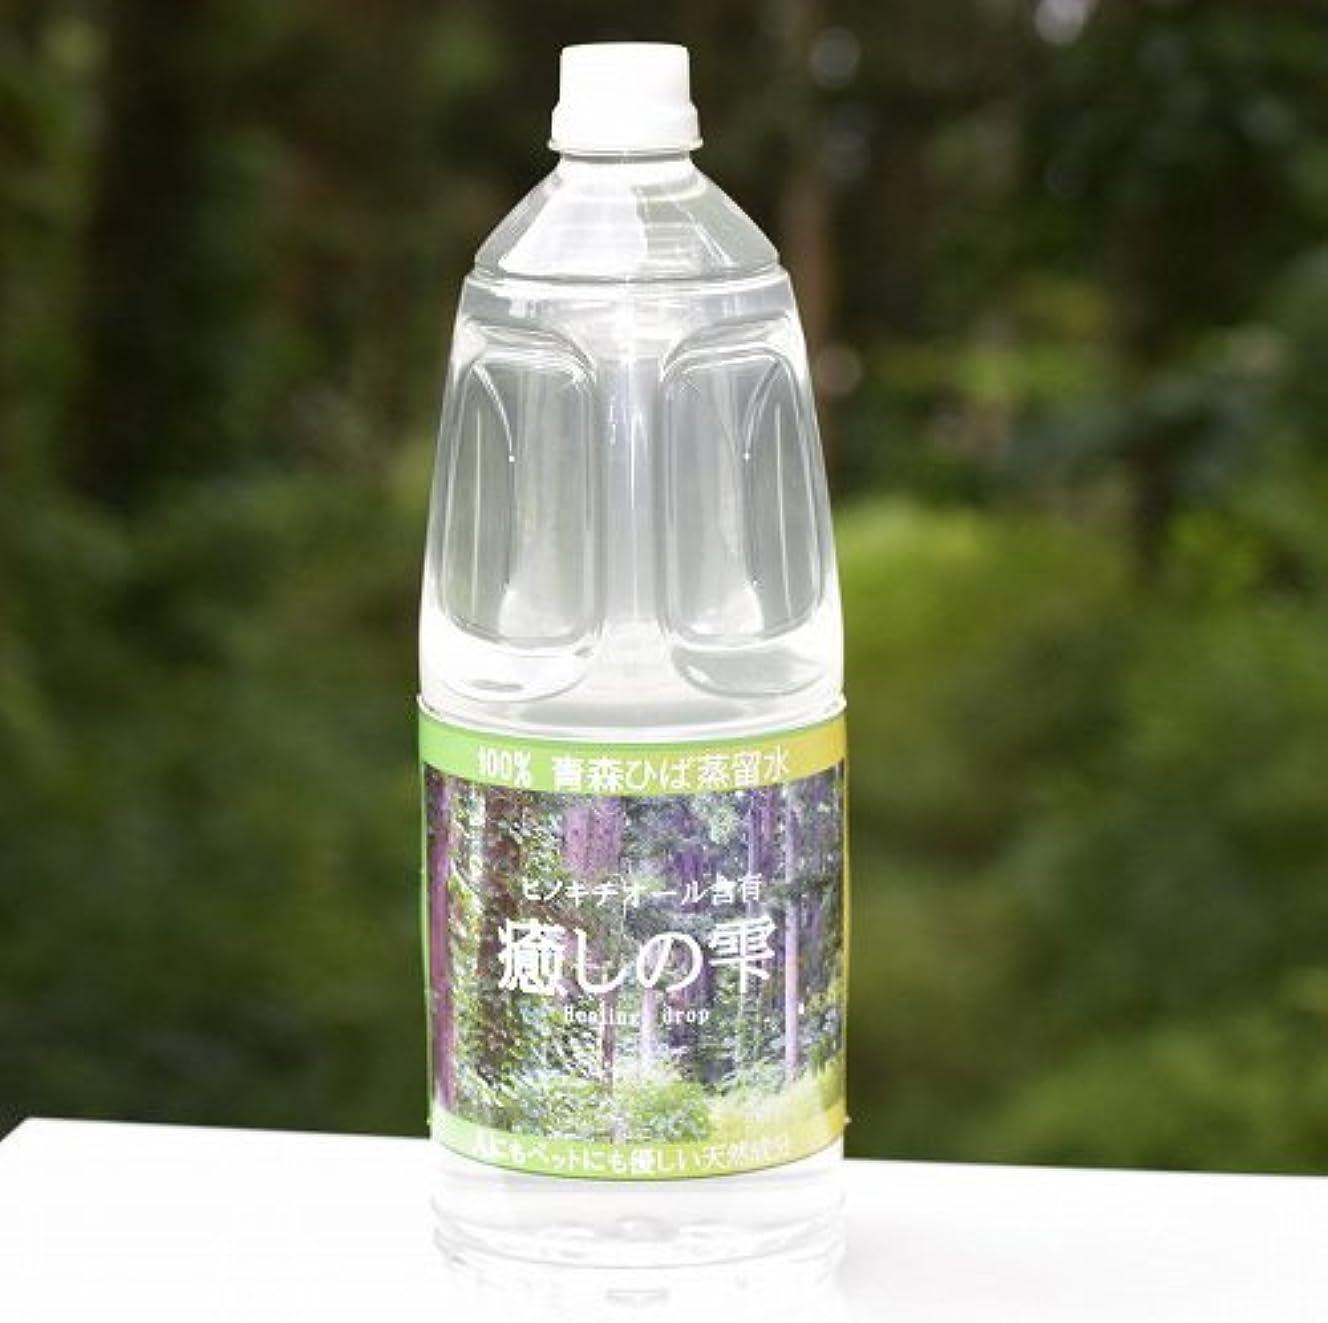 保育園回答不健全青森ひば 天然ヒバ水 癒しの雫 蒸留水 送料無料 1.8L×1本 お試し